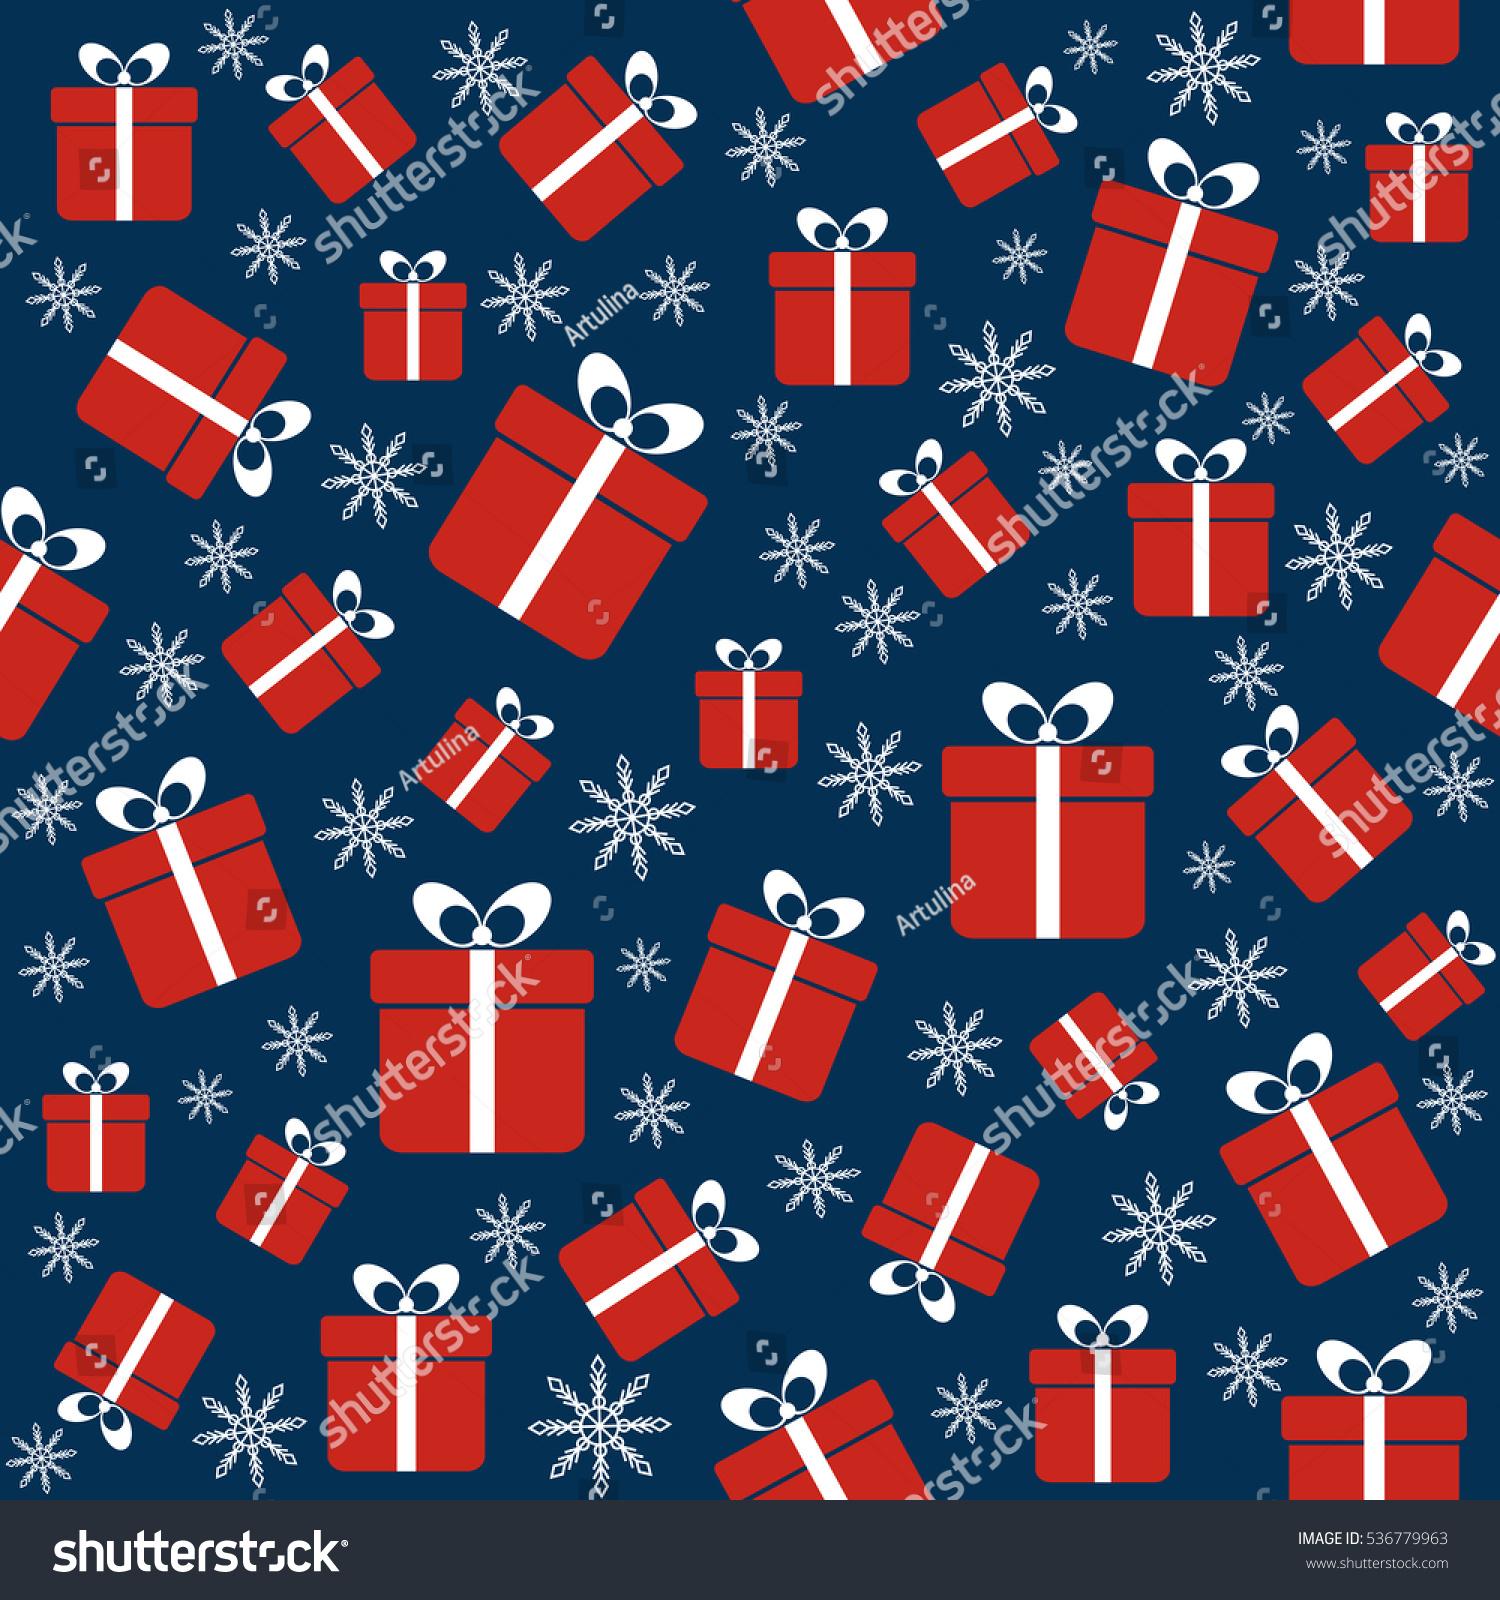 Seamless gift cards - Portfolio protection